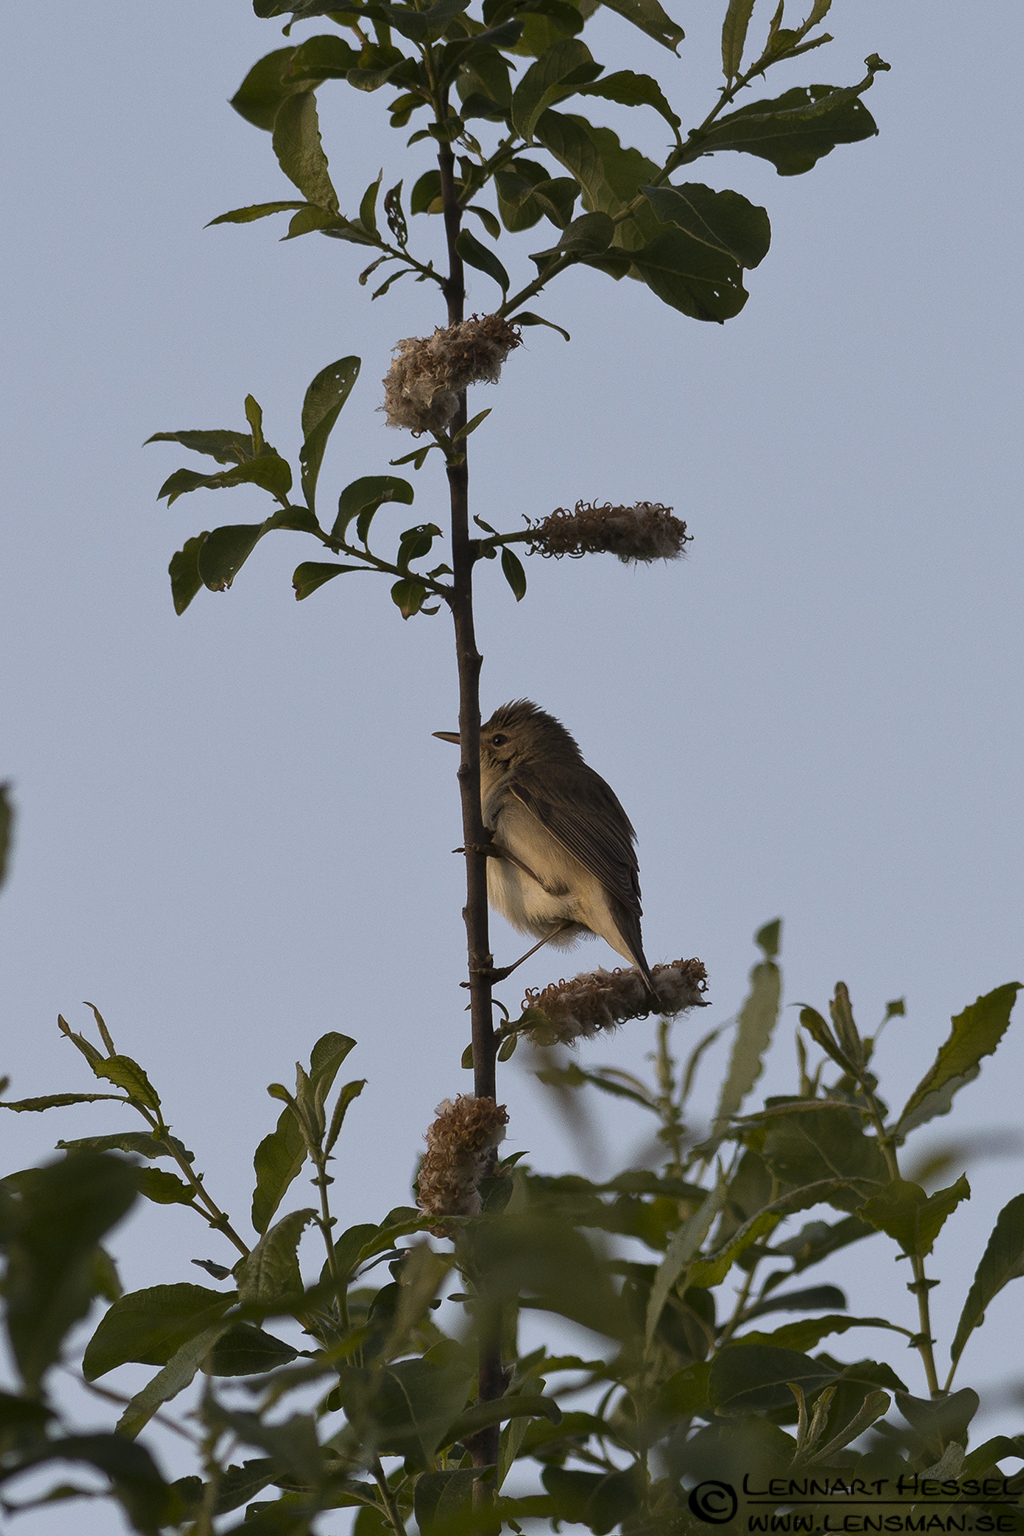 Marsh Warbler at Säveån, warblers